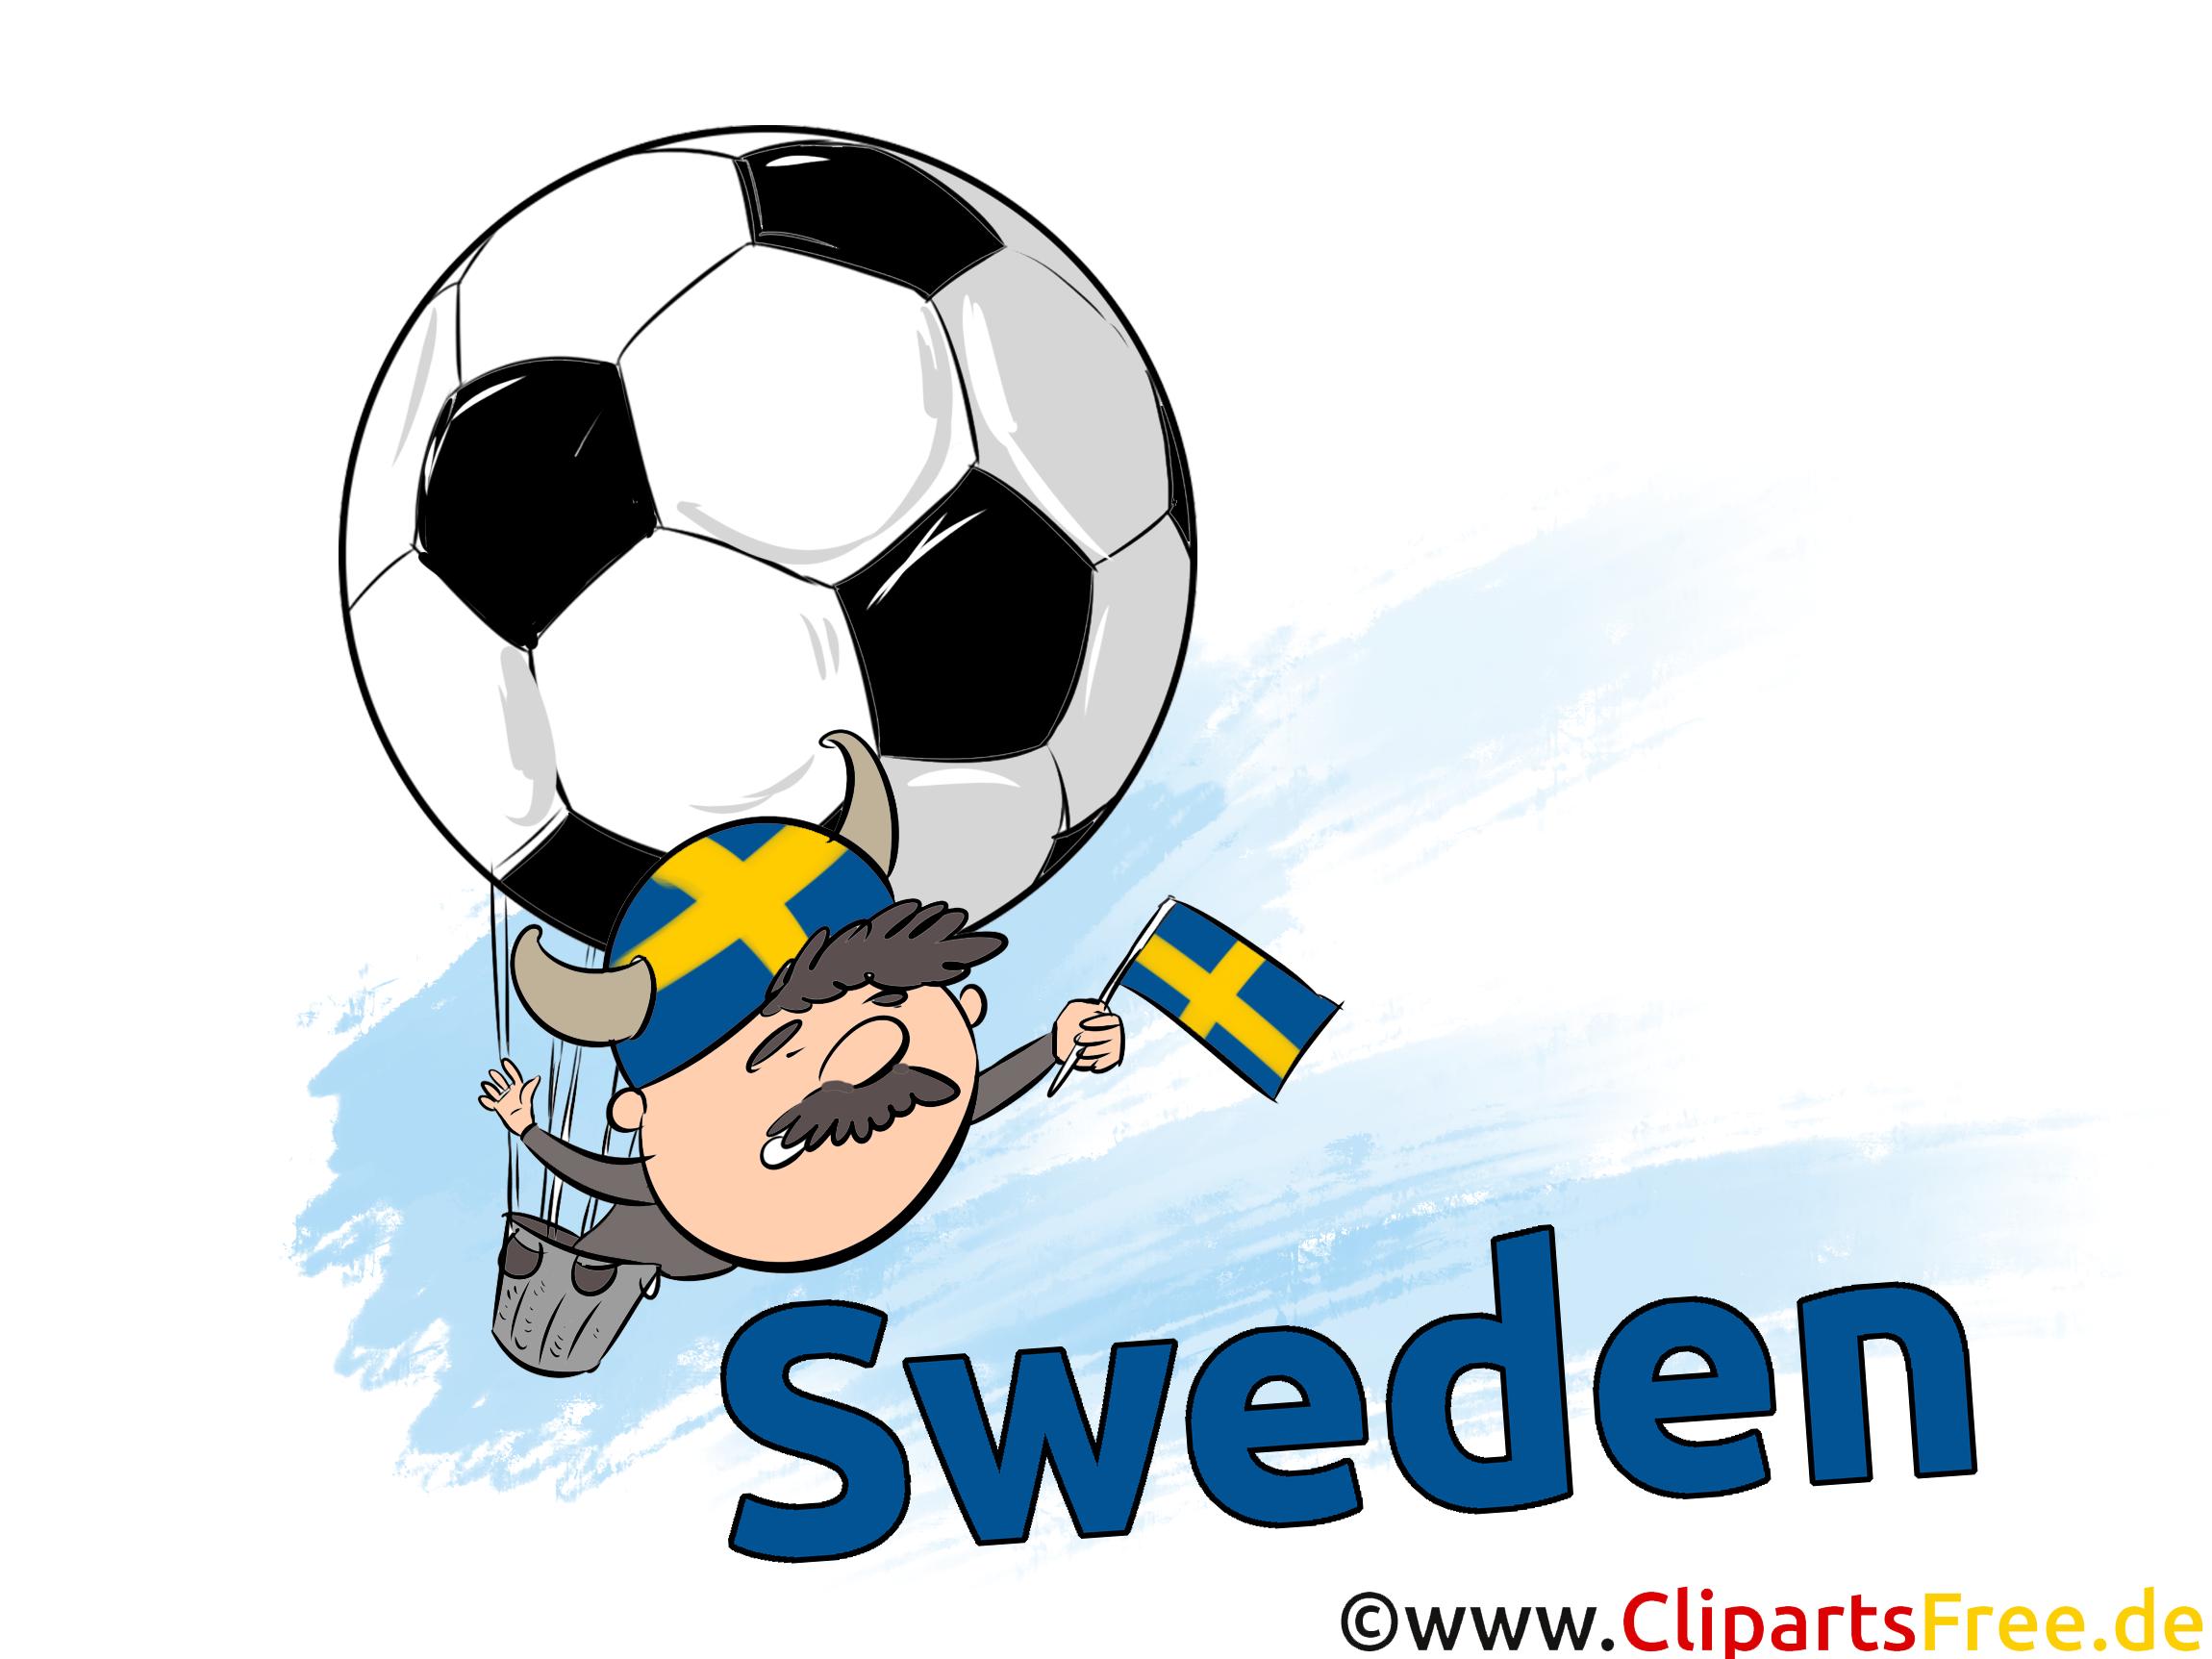 Soccer Coupe Du Monde pour télécharger Suède